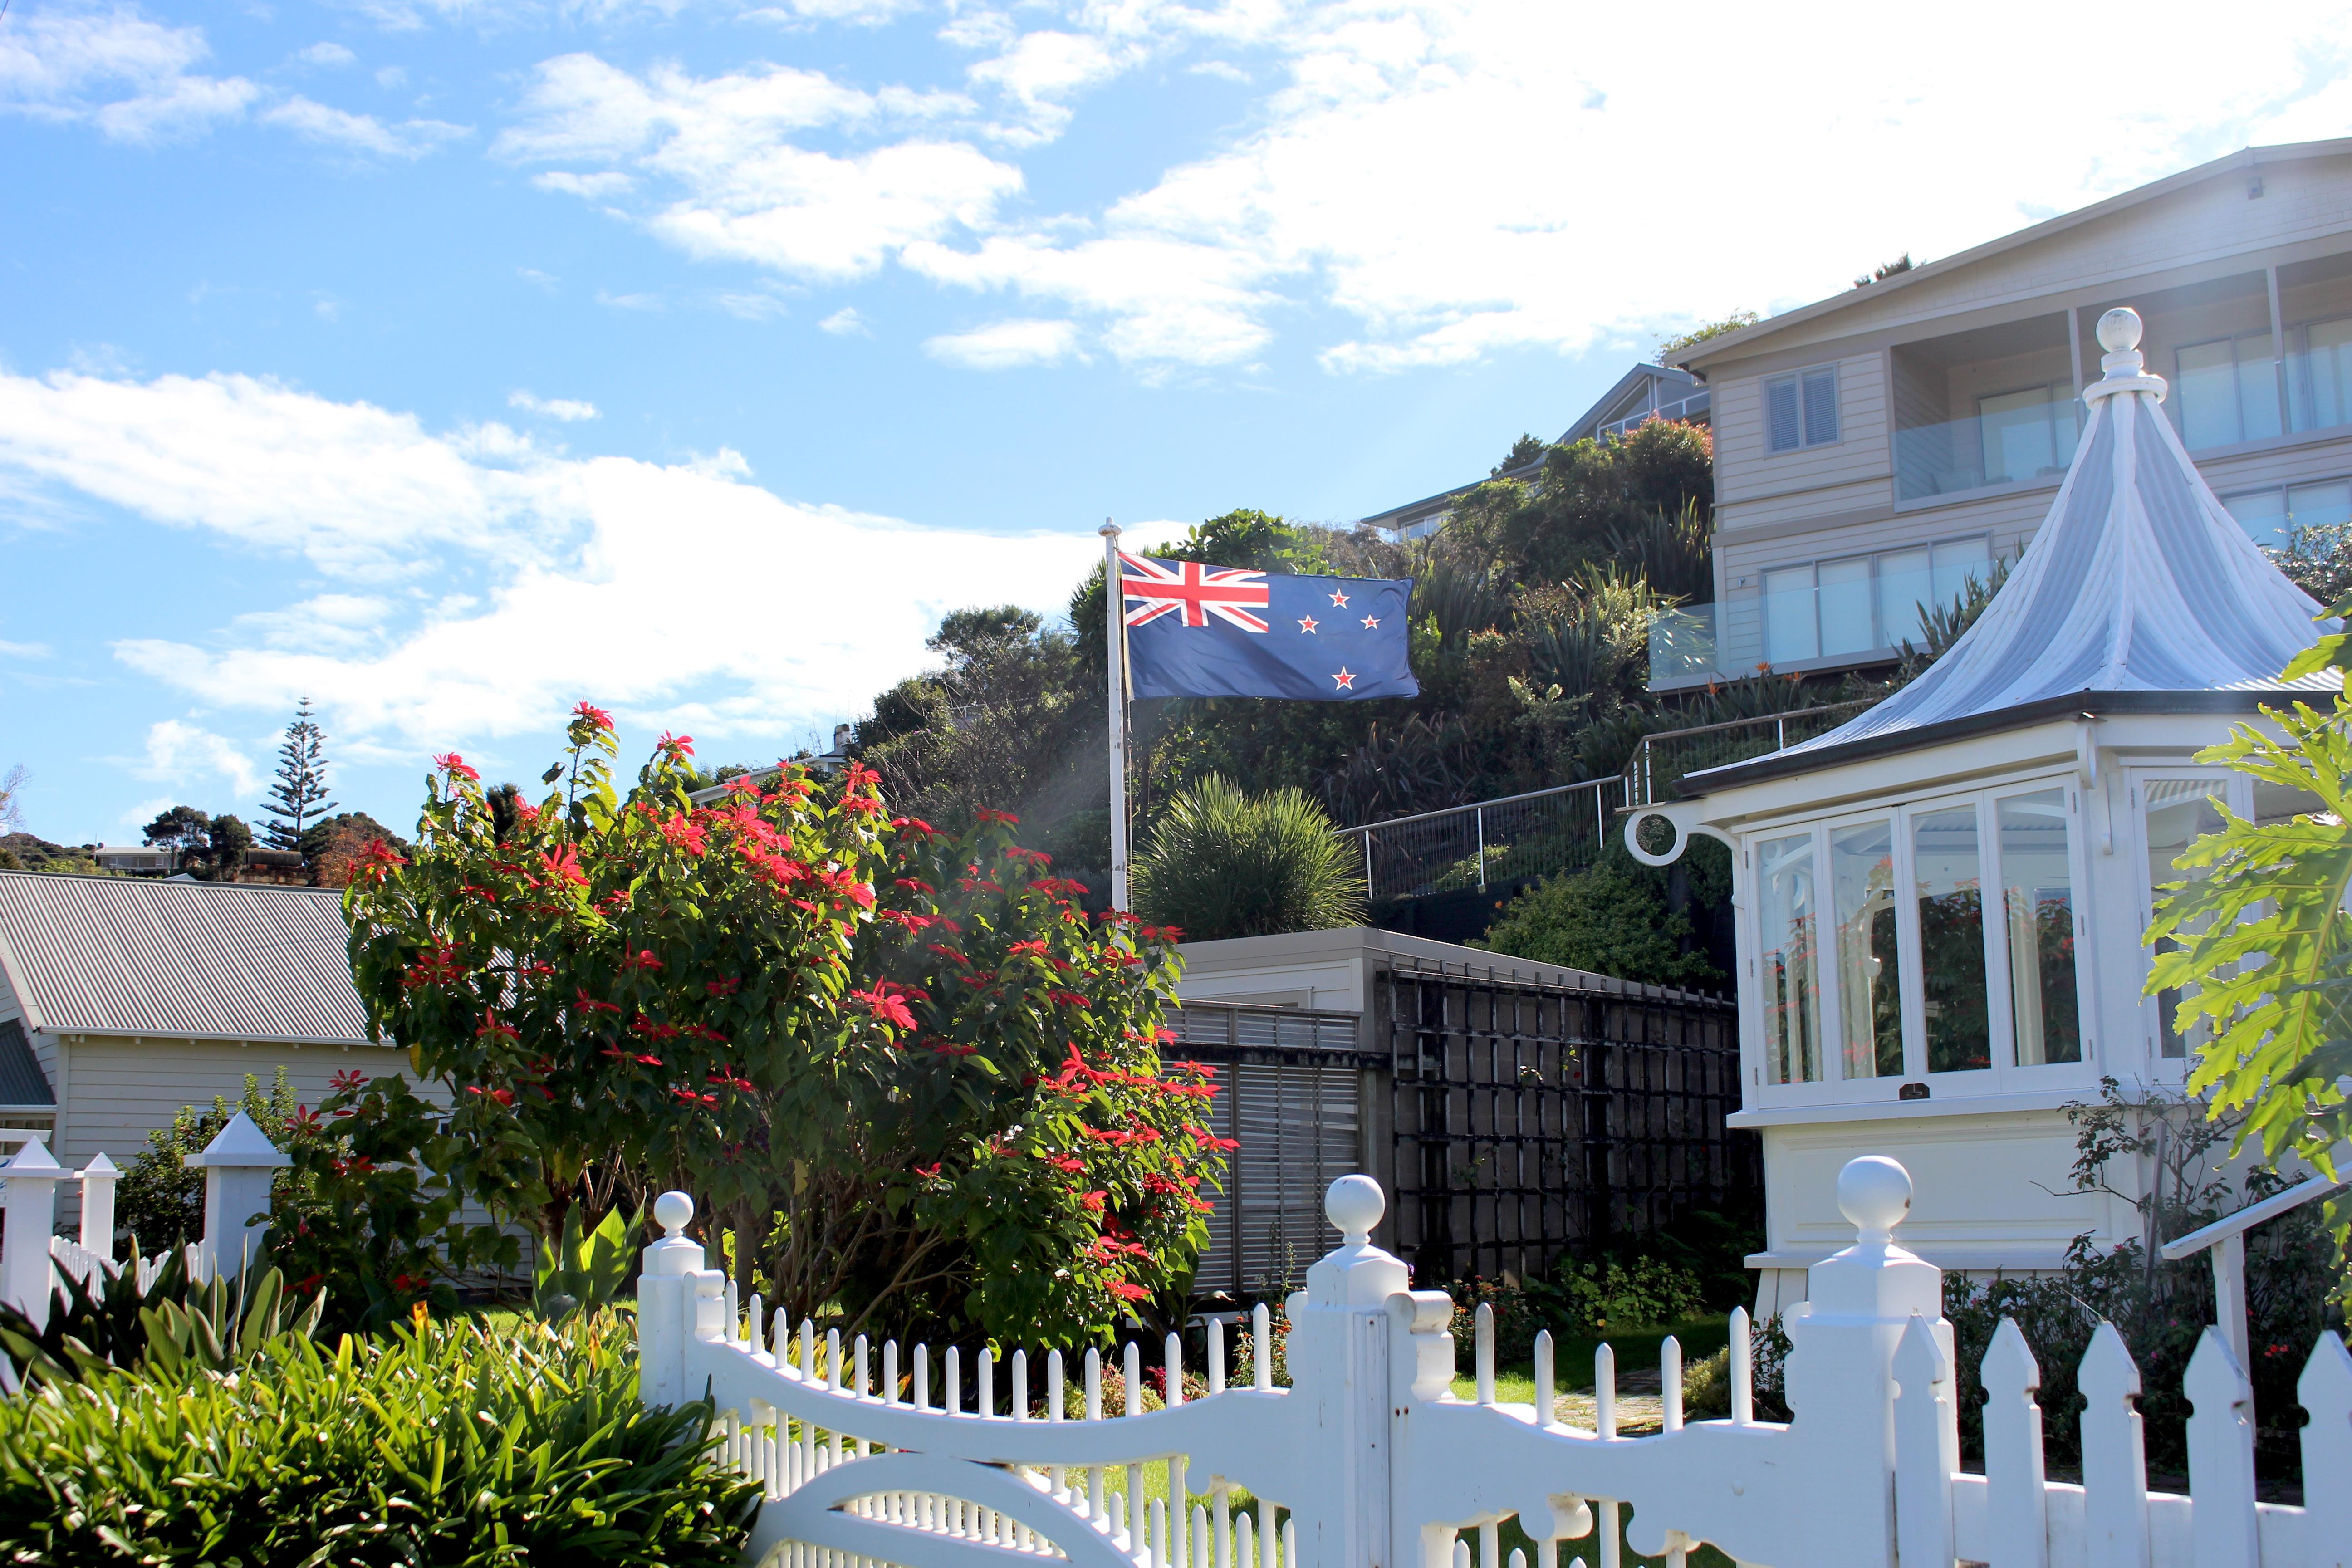 maison-nouvelle-zelande